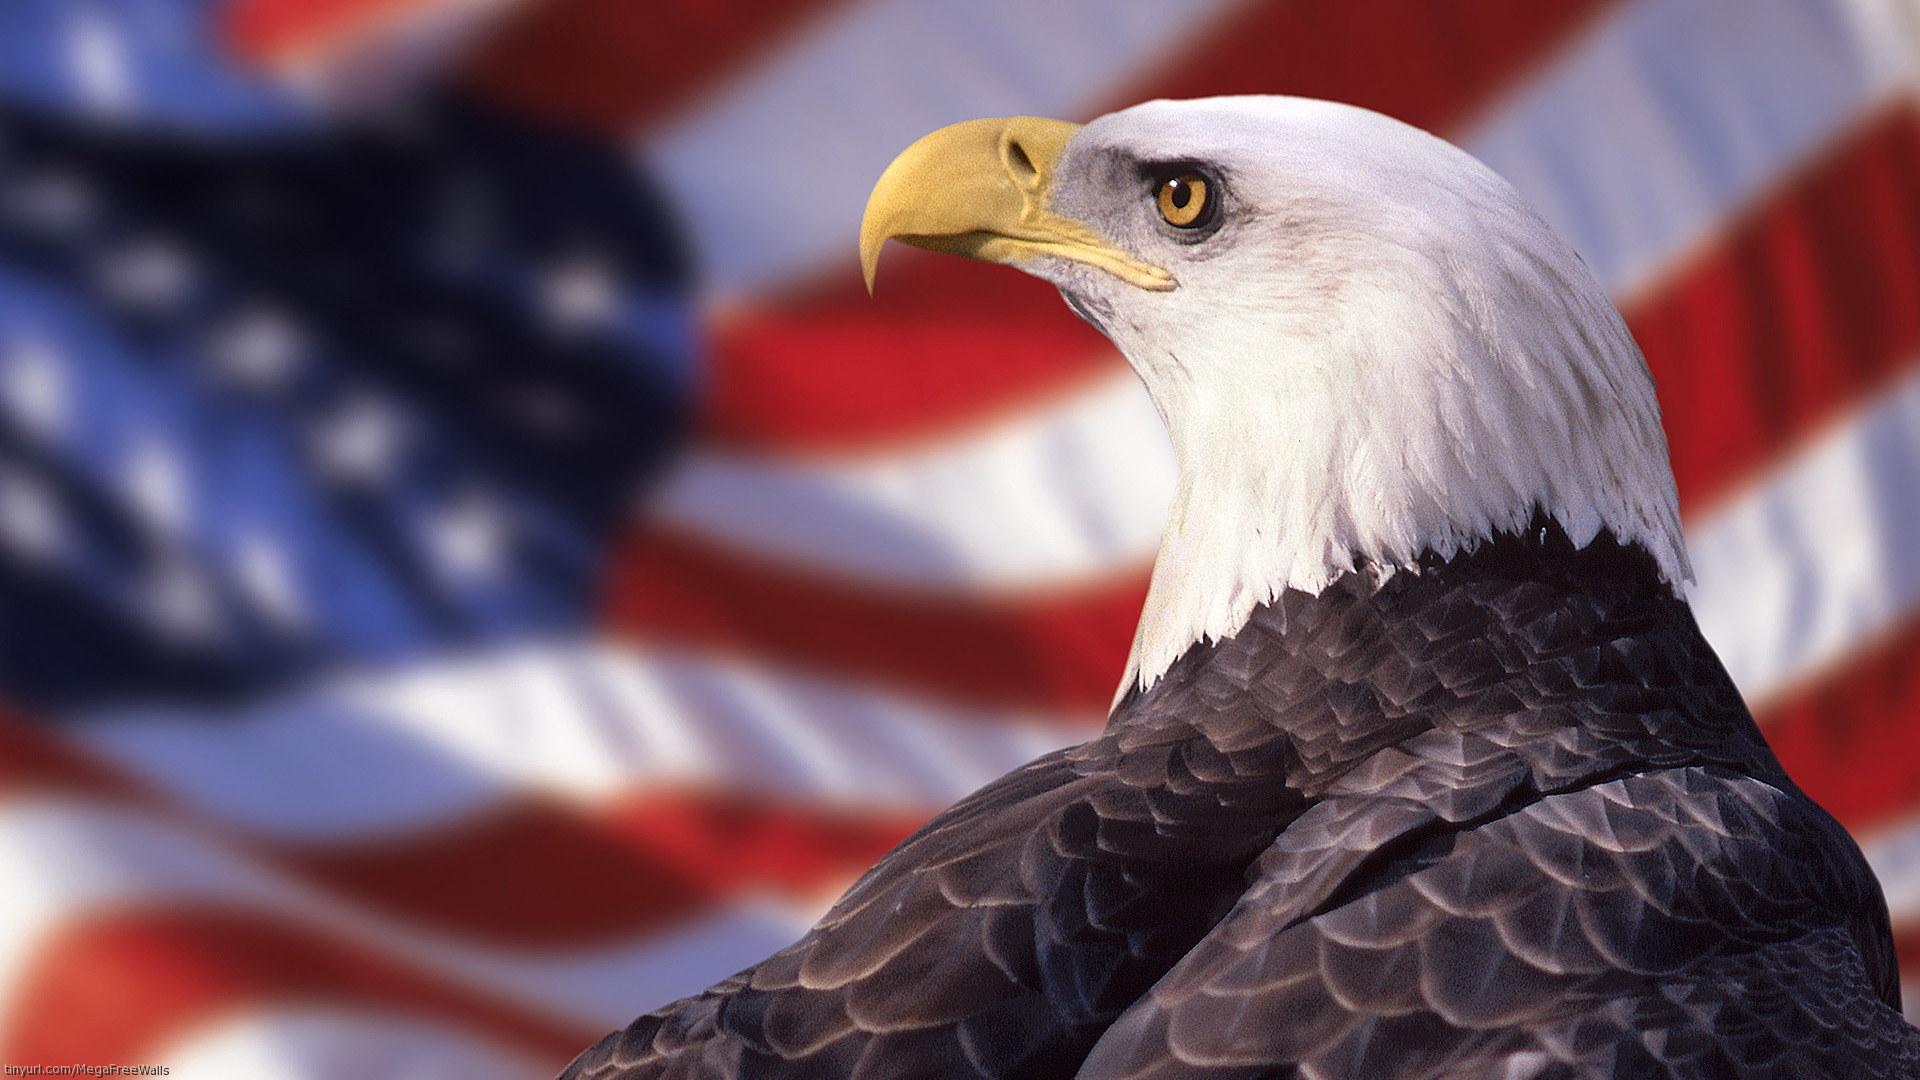 Patriotic Wallpaper Usa Flag Eagle: Patriotic Bald Eagle Wallpaper